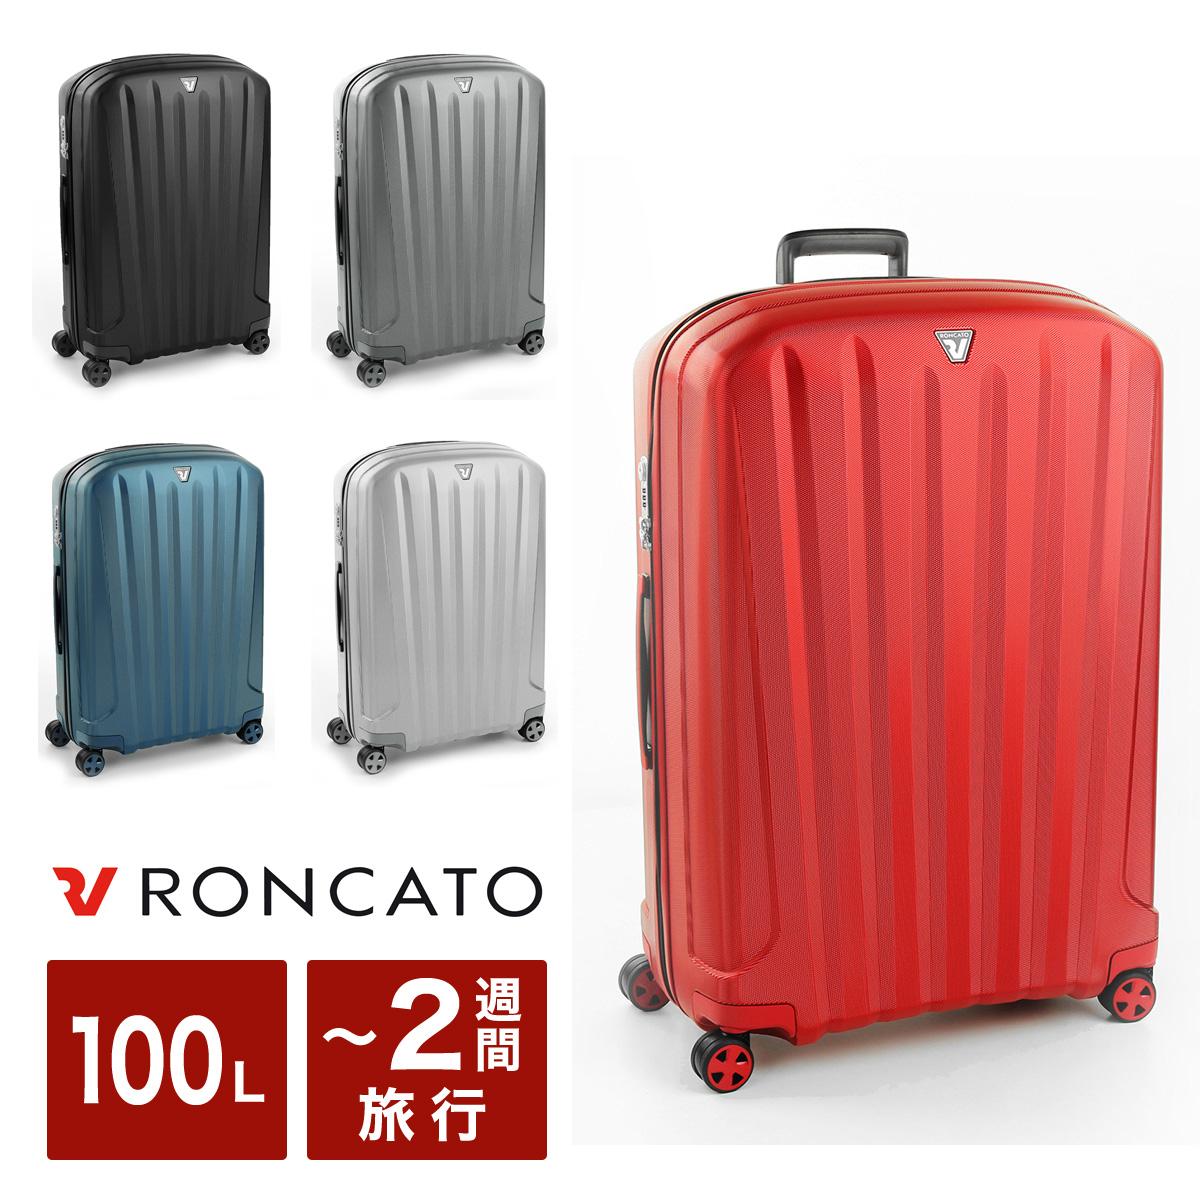 ロンカート スーツケース イタリア製 UNICA 5611 74cm RONCATO ユニカ ハード キャリーケース 軽量 TSAロック搭載 10年保証